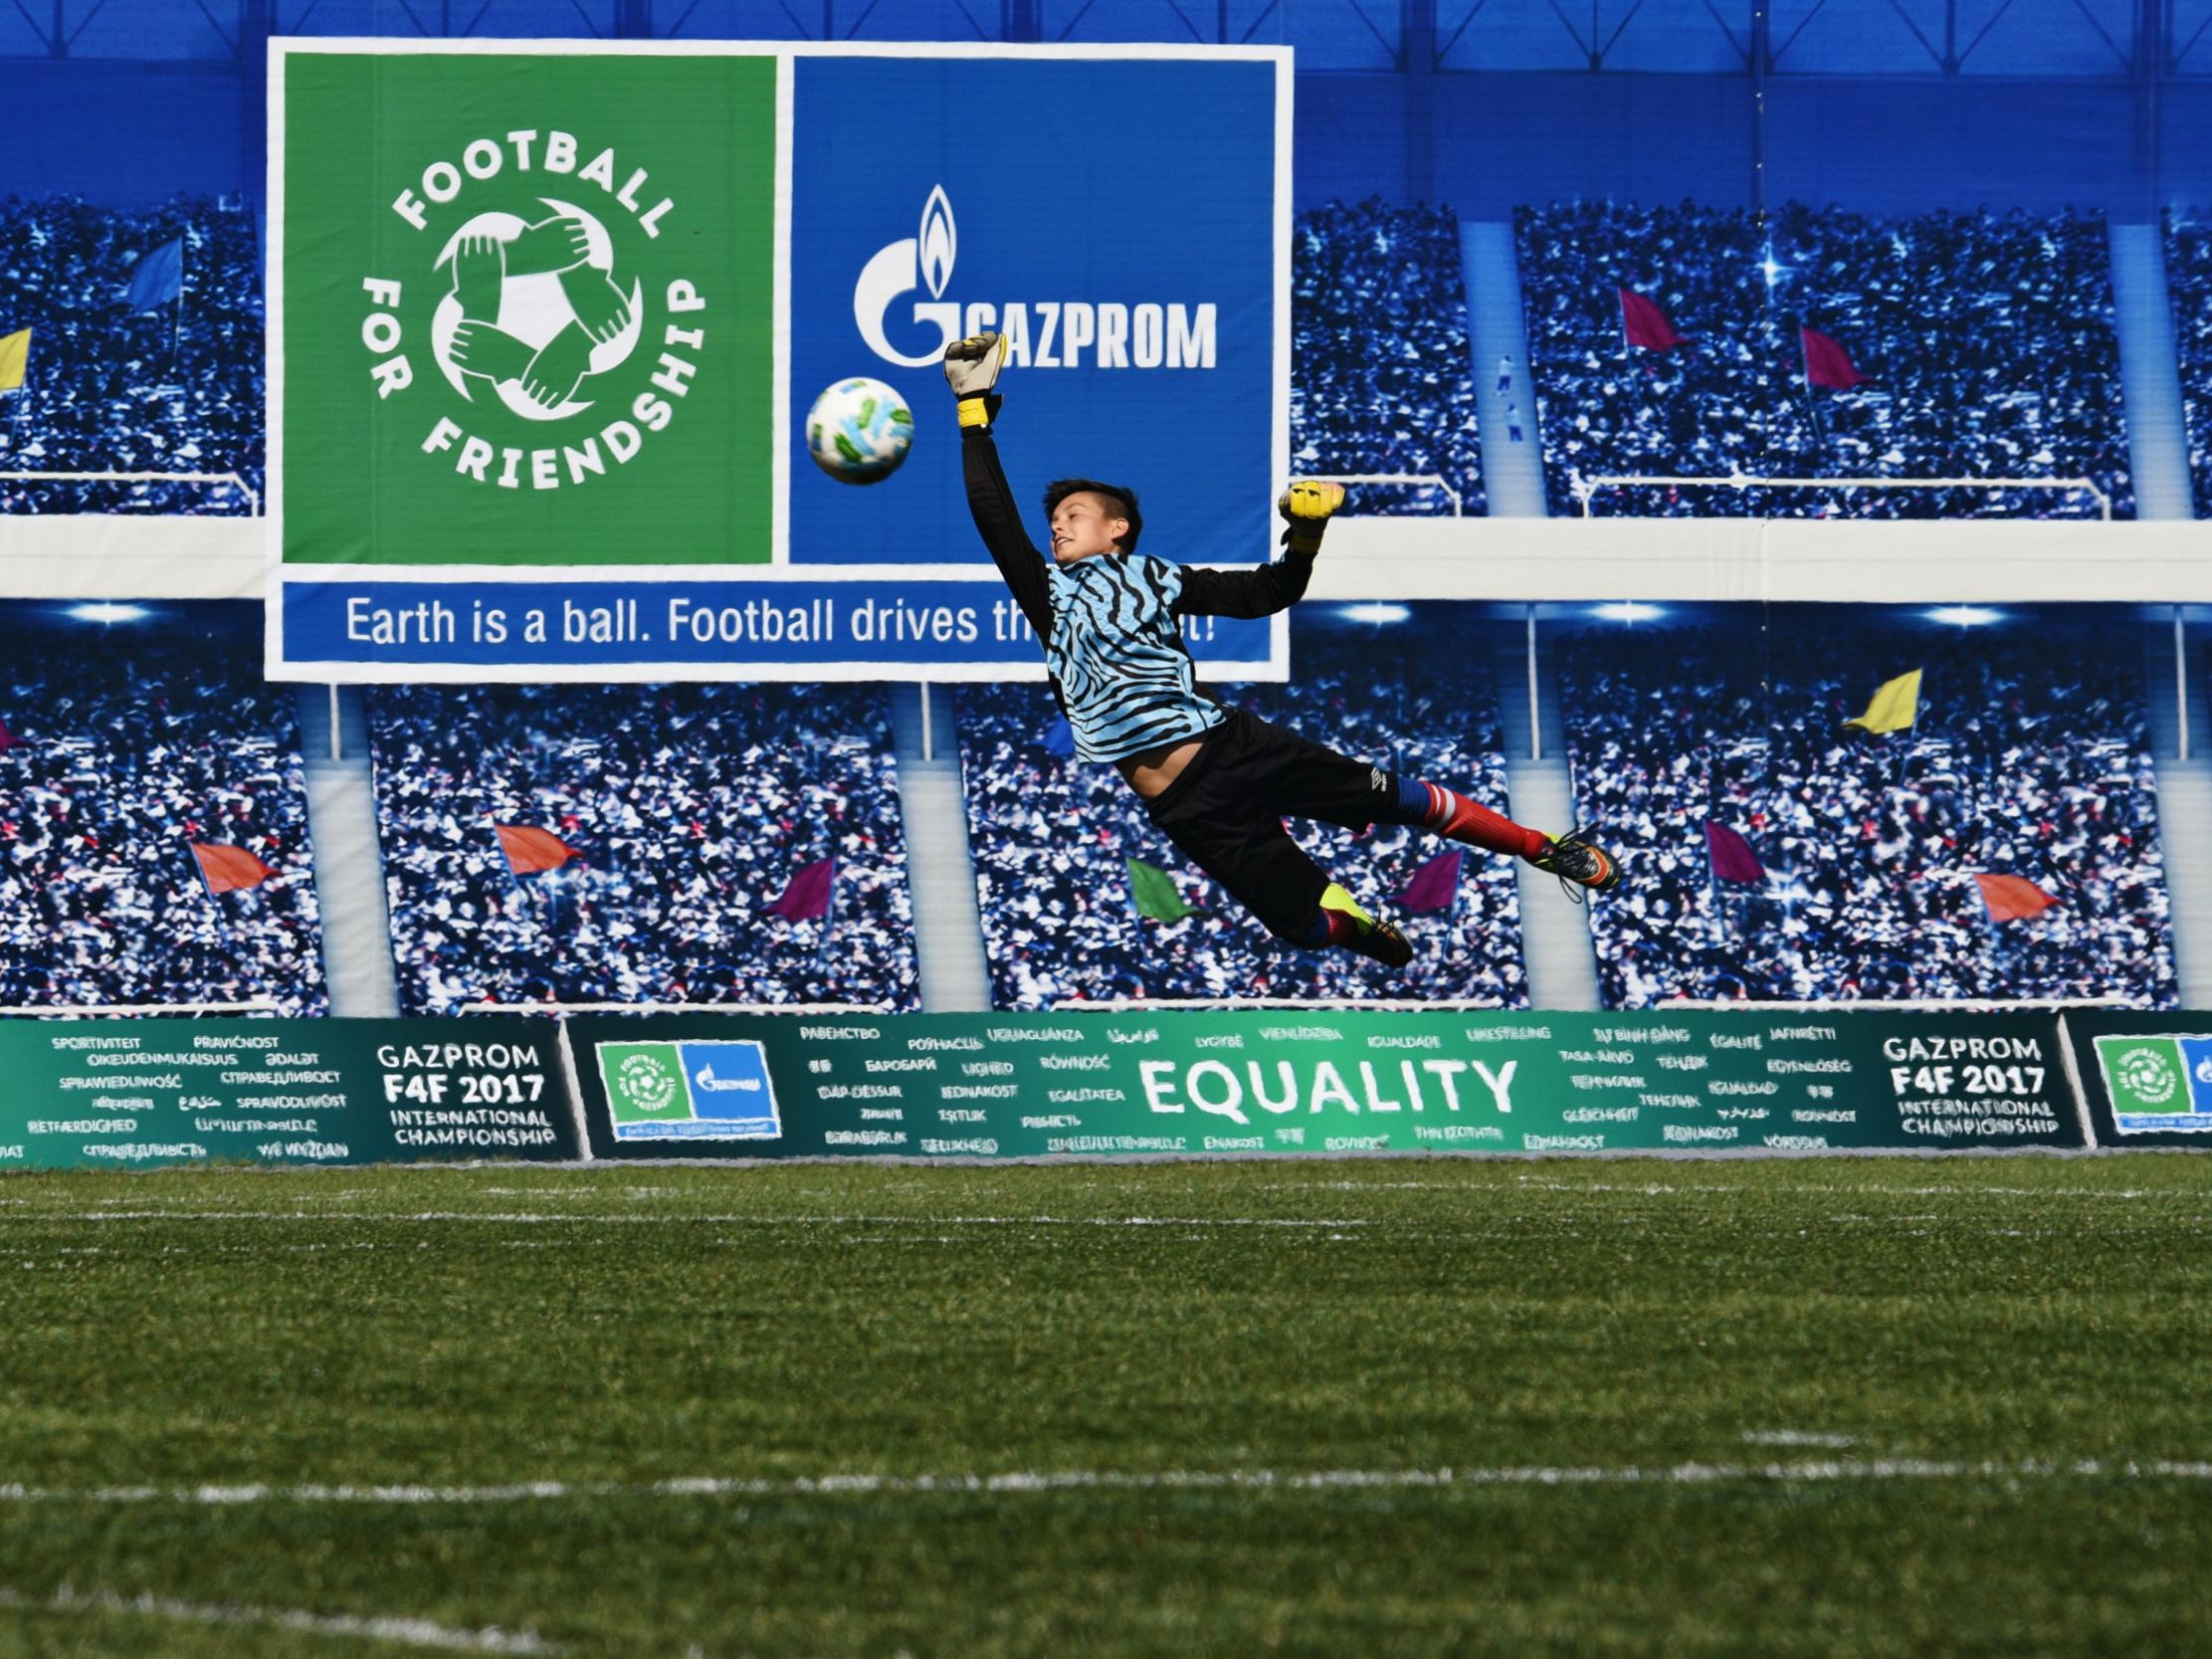 Определились представители Азербайджана на турнире «Футбол для дружбы»